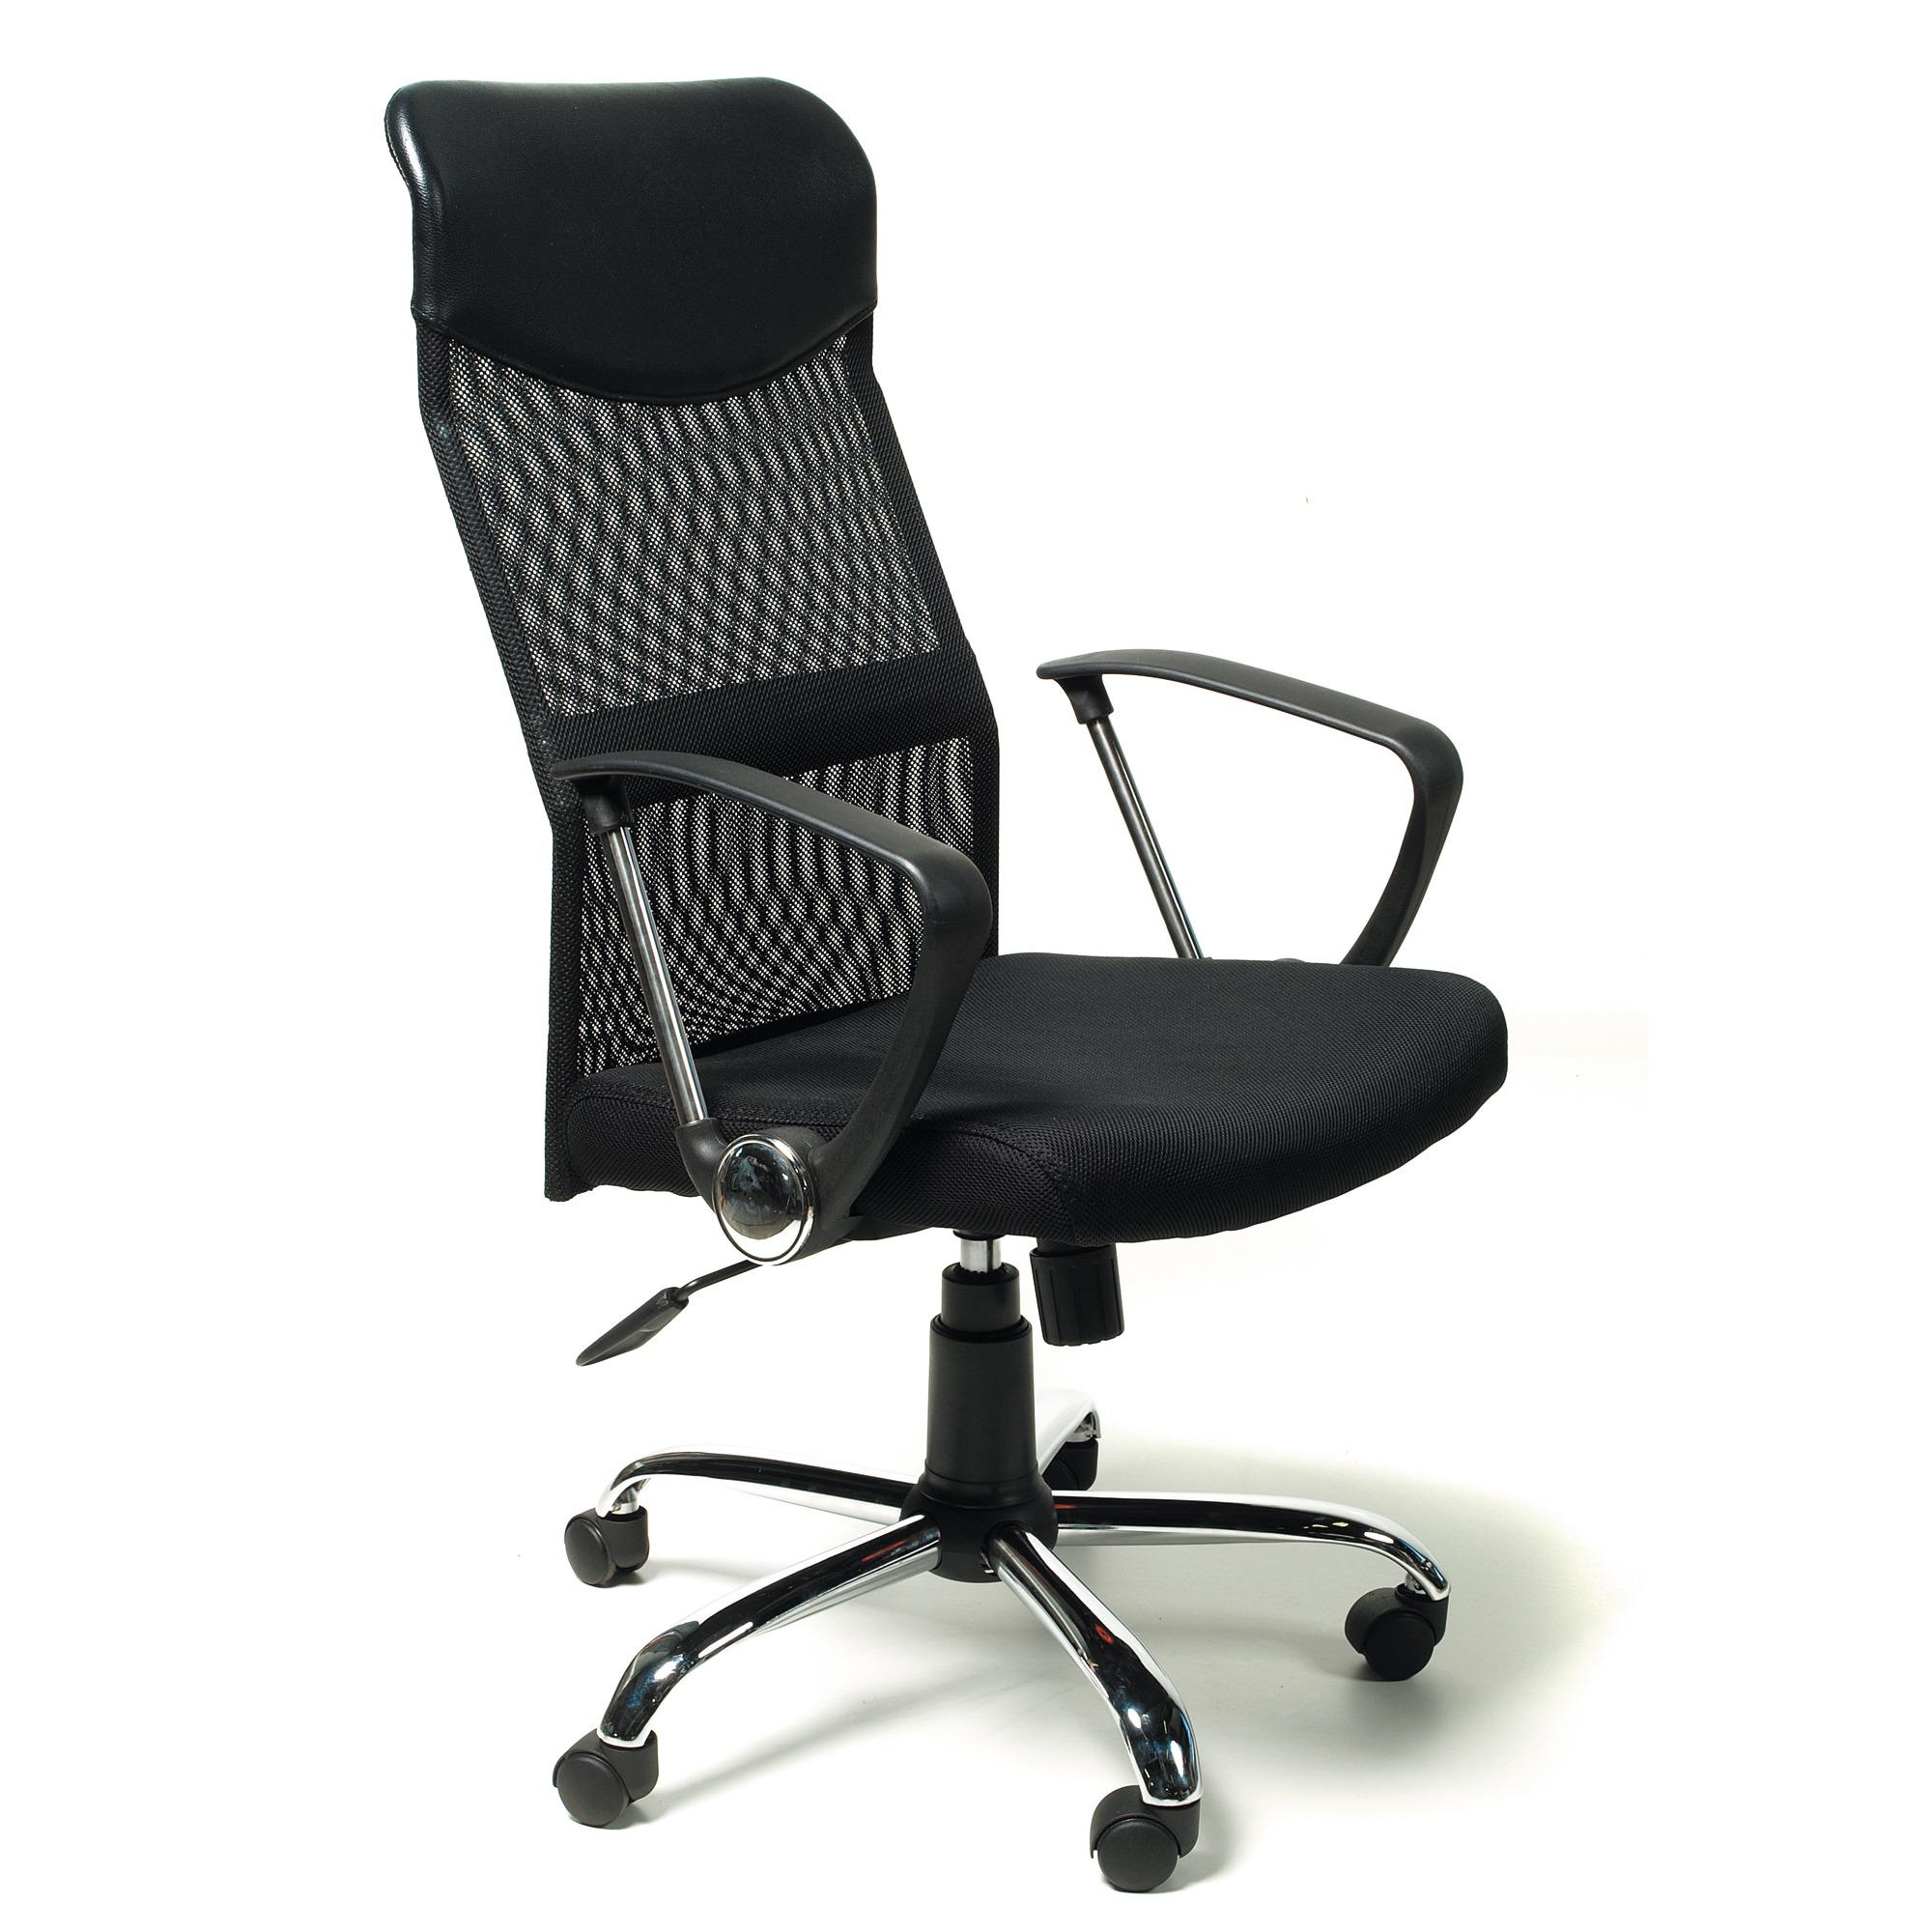 Achat chaise bureau le monde de l a for Le monde de la chaise